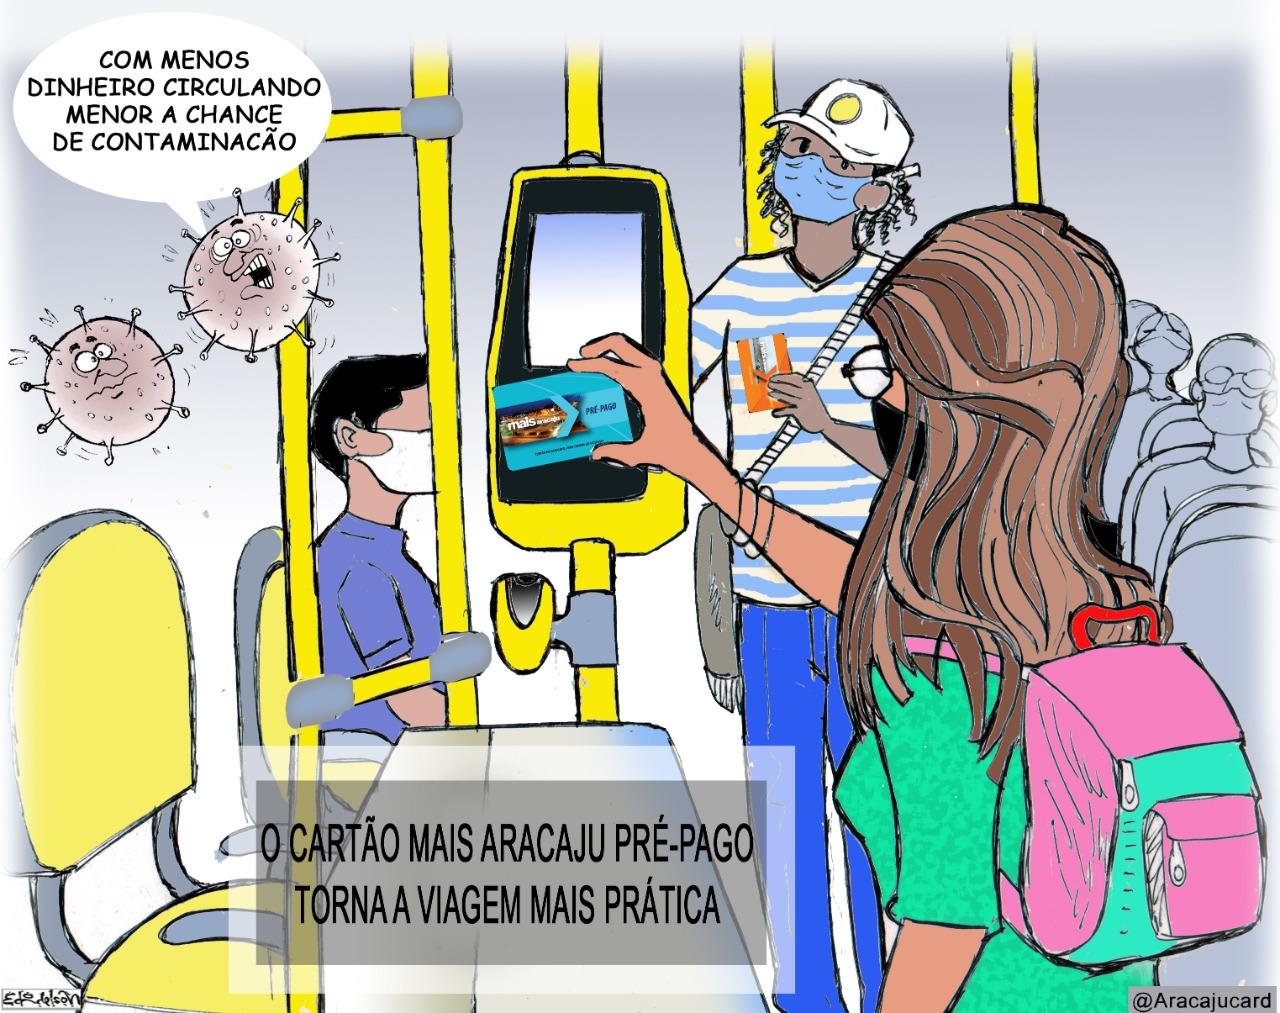 Charge opte pelo cartão Mais Aracaju